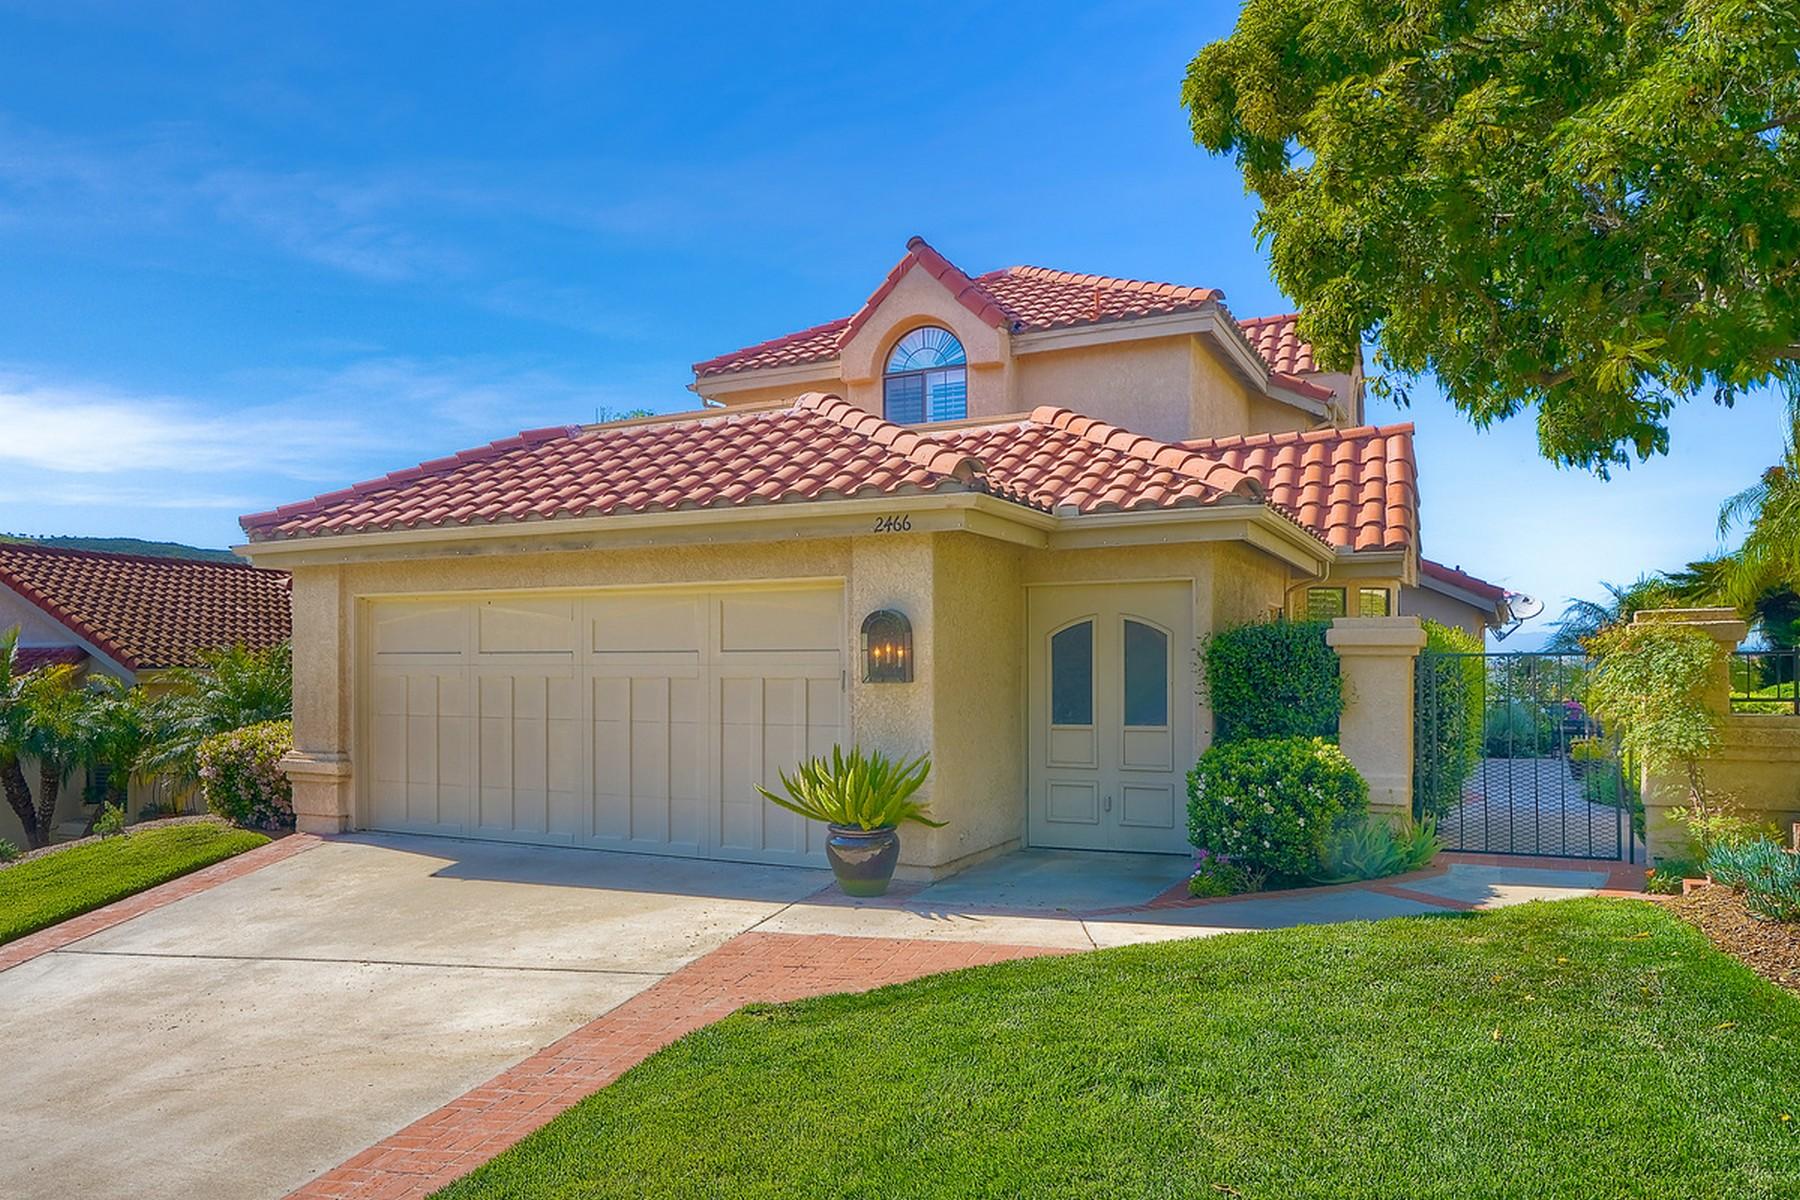 Villa per Vendita alle ore 2644 Vista Valley Lane 2466 Vista Valley Lane Vista, California, 92084 Stati Uniti